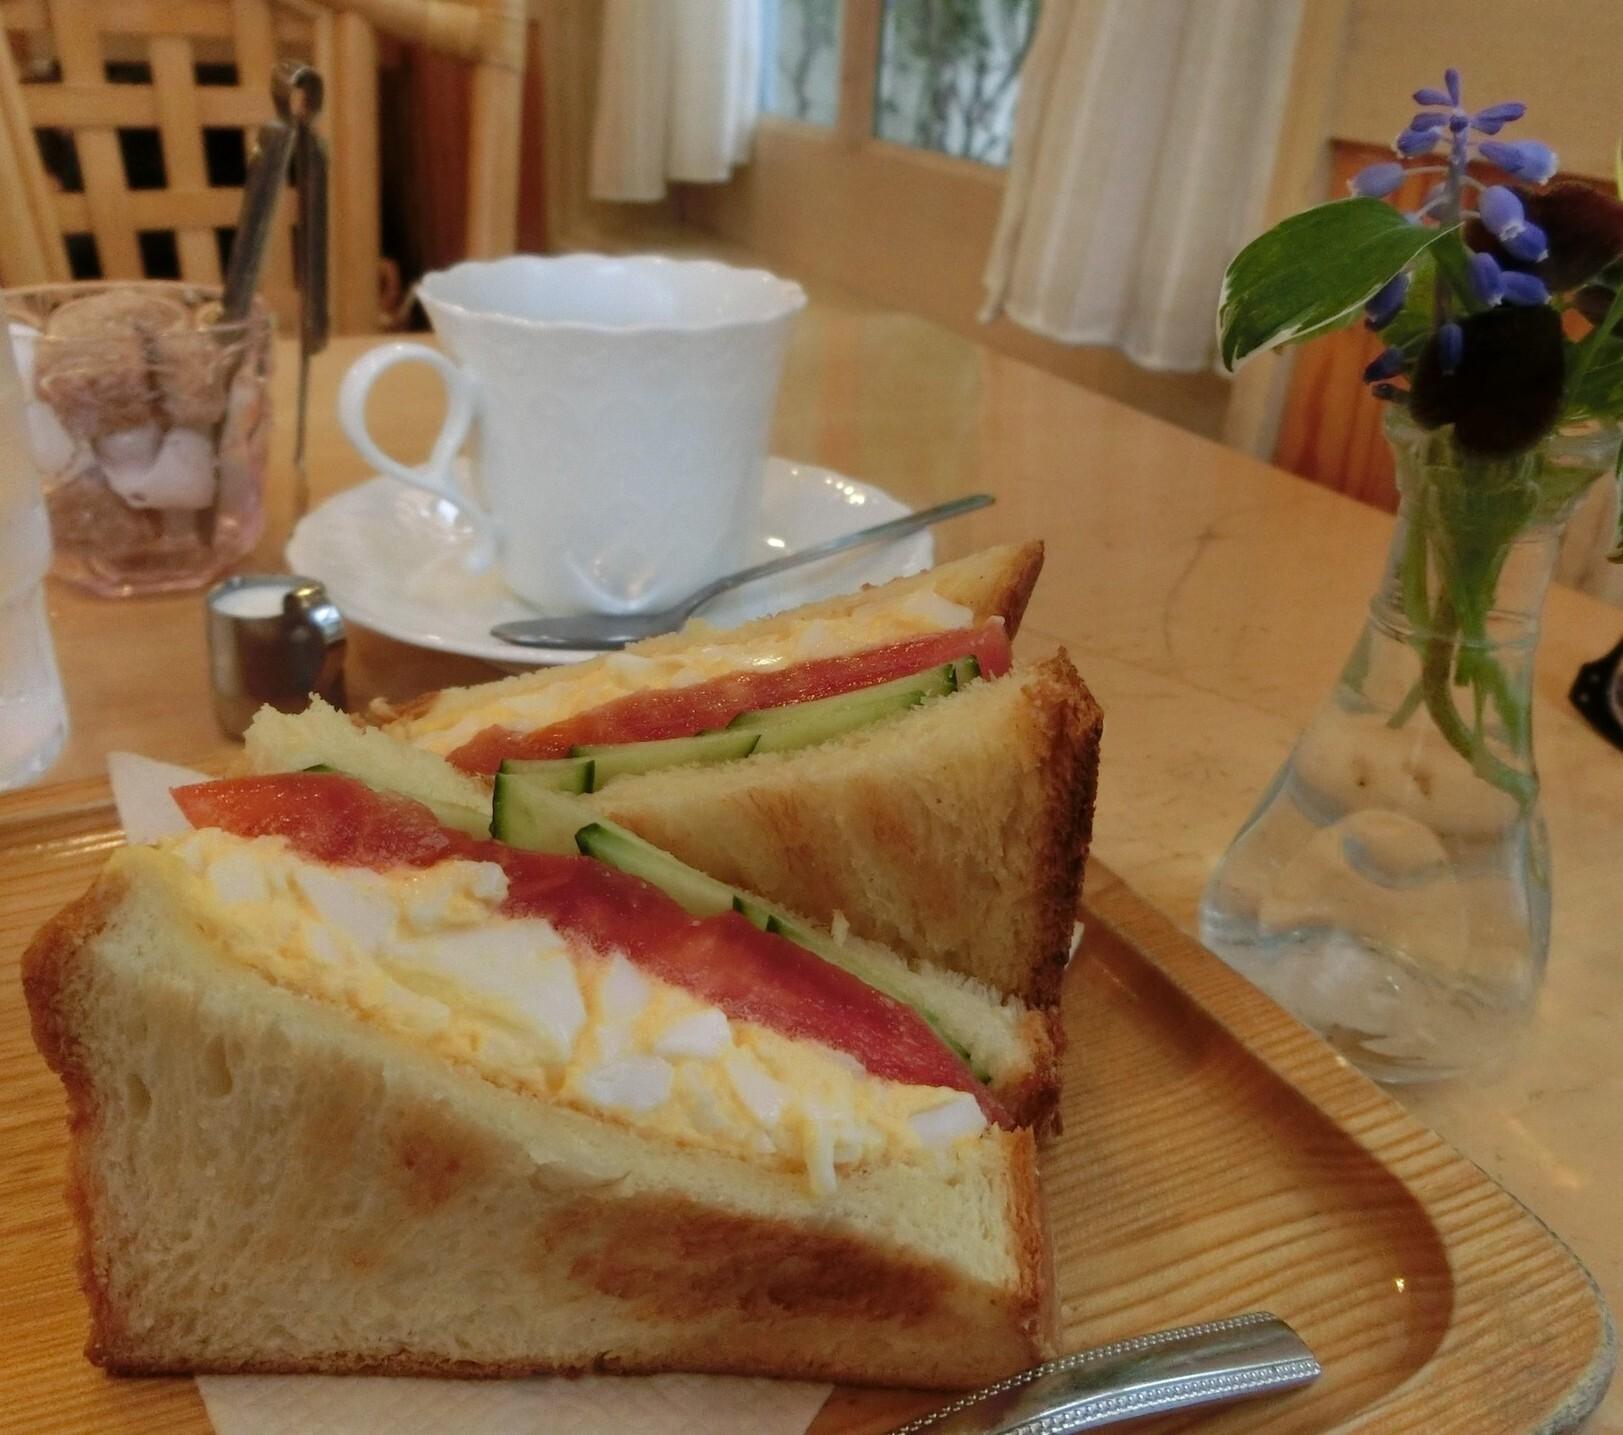 色んな味が楽しめる!和歌山のおすすめサンドイッチ店4選 ...